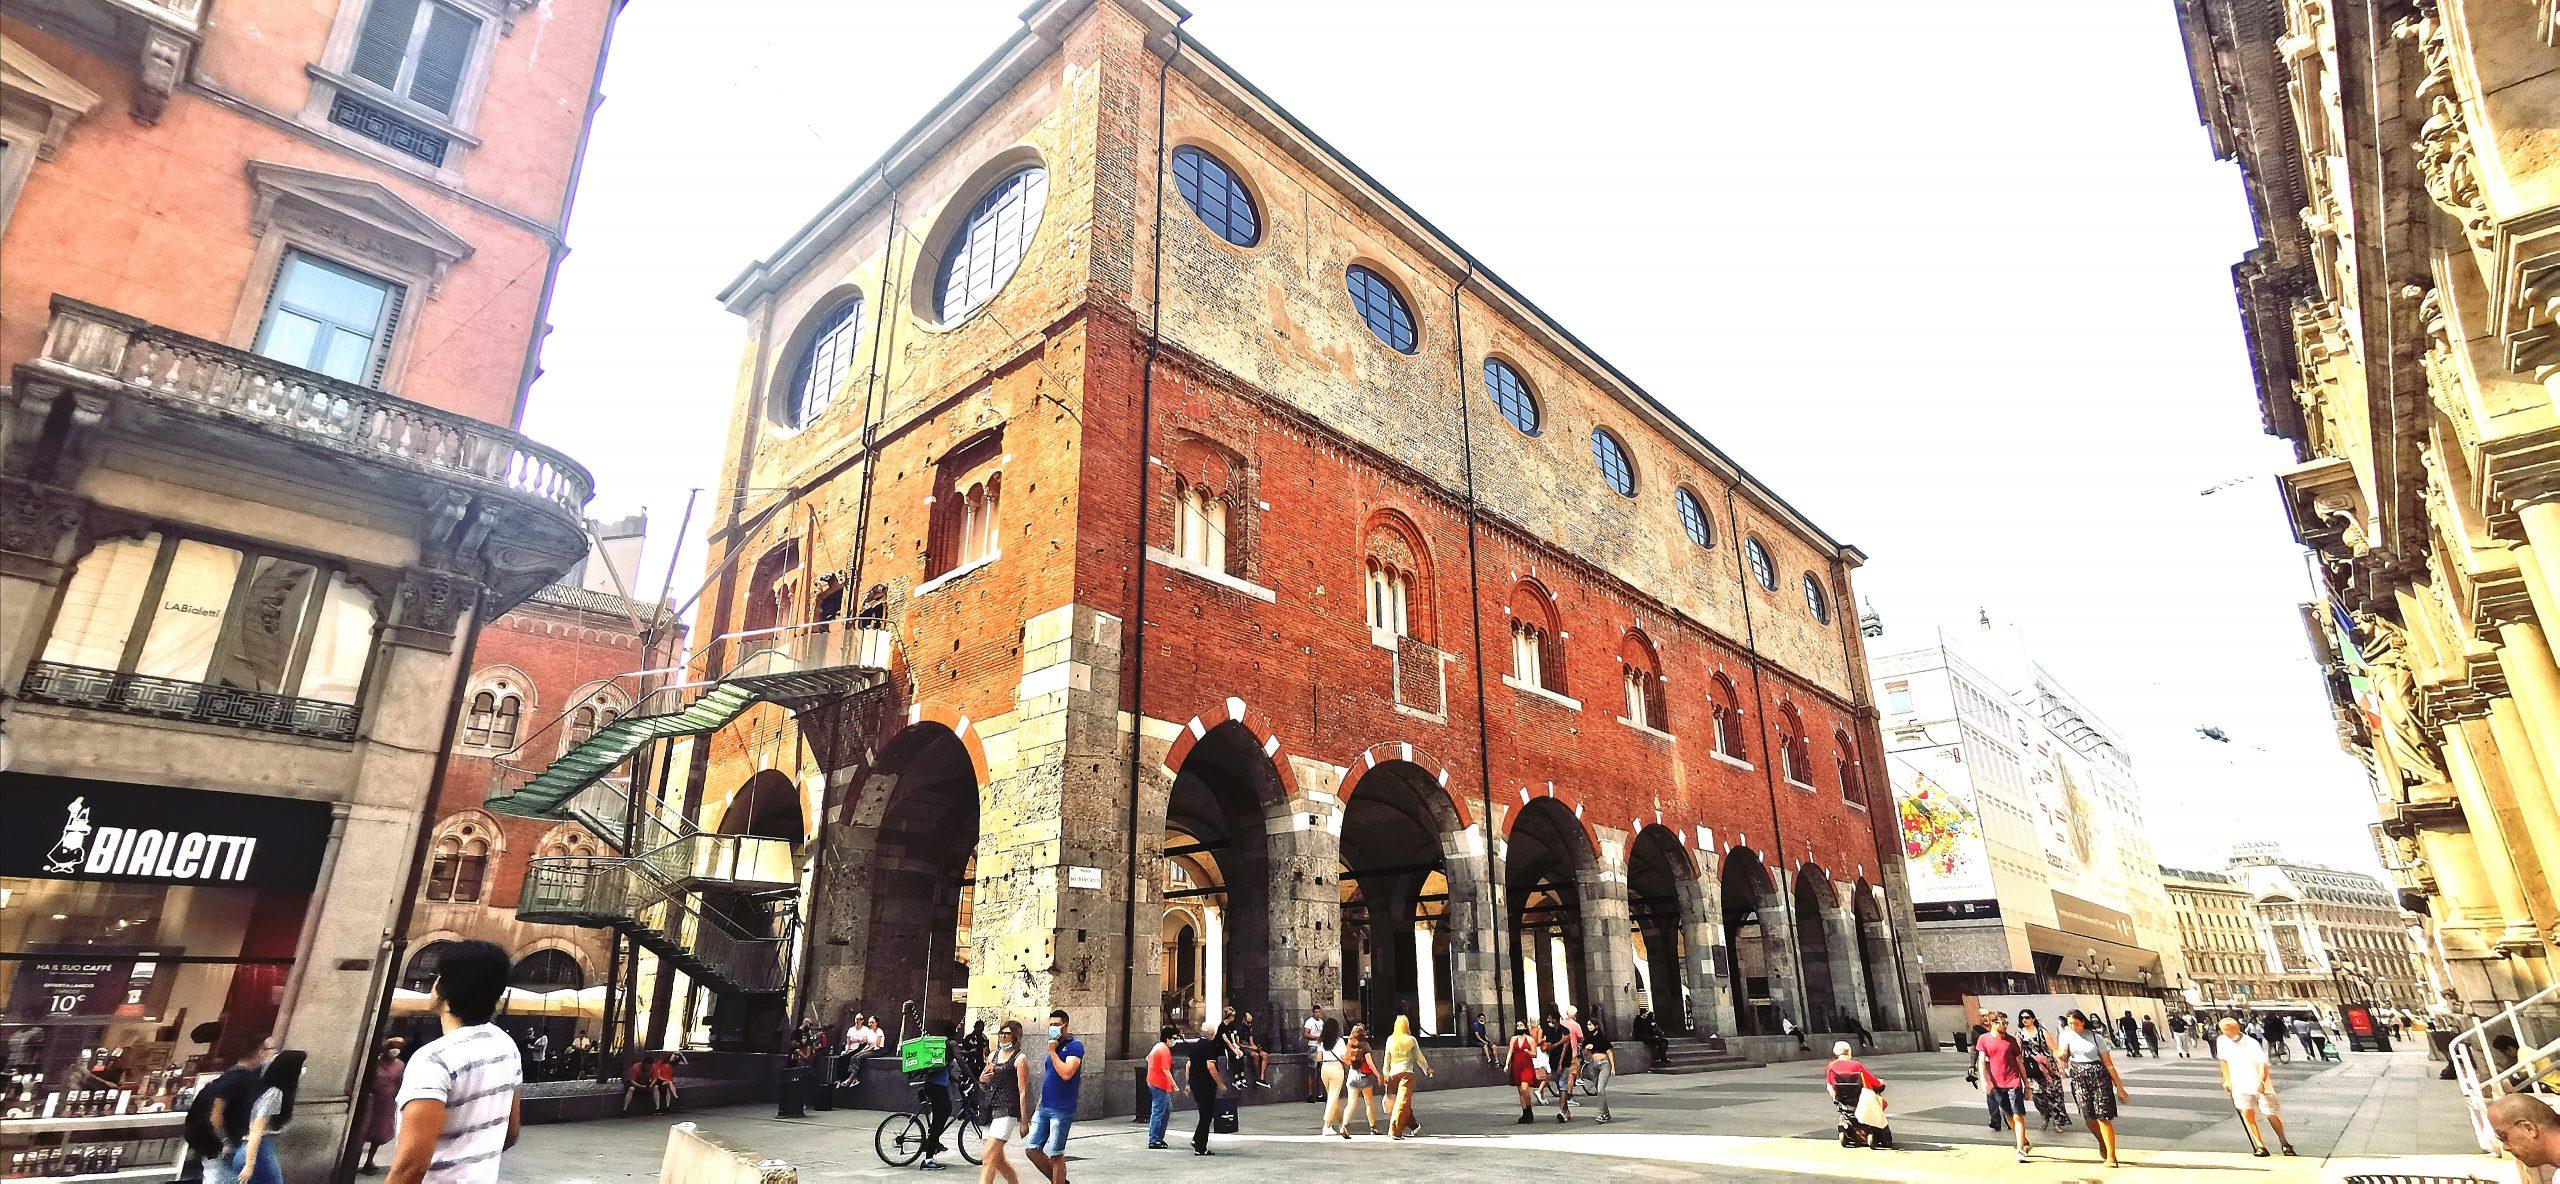 Historias, secretos y leyendas de Piazza dei Mercanti